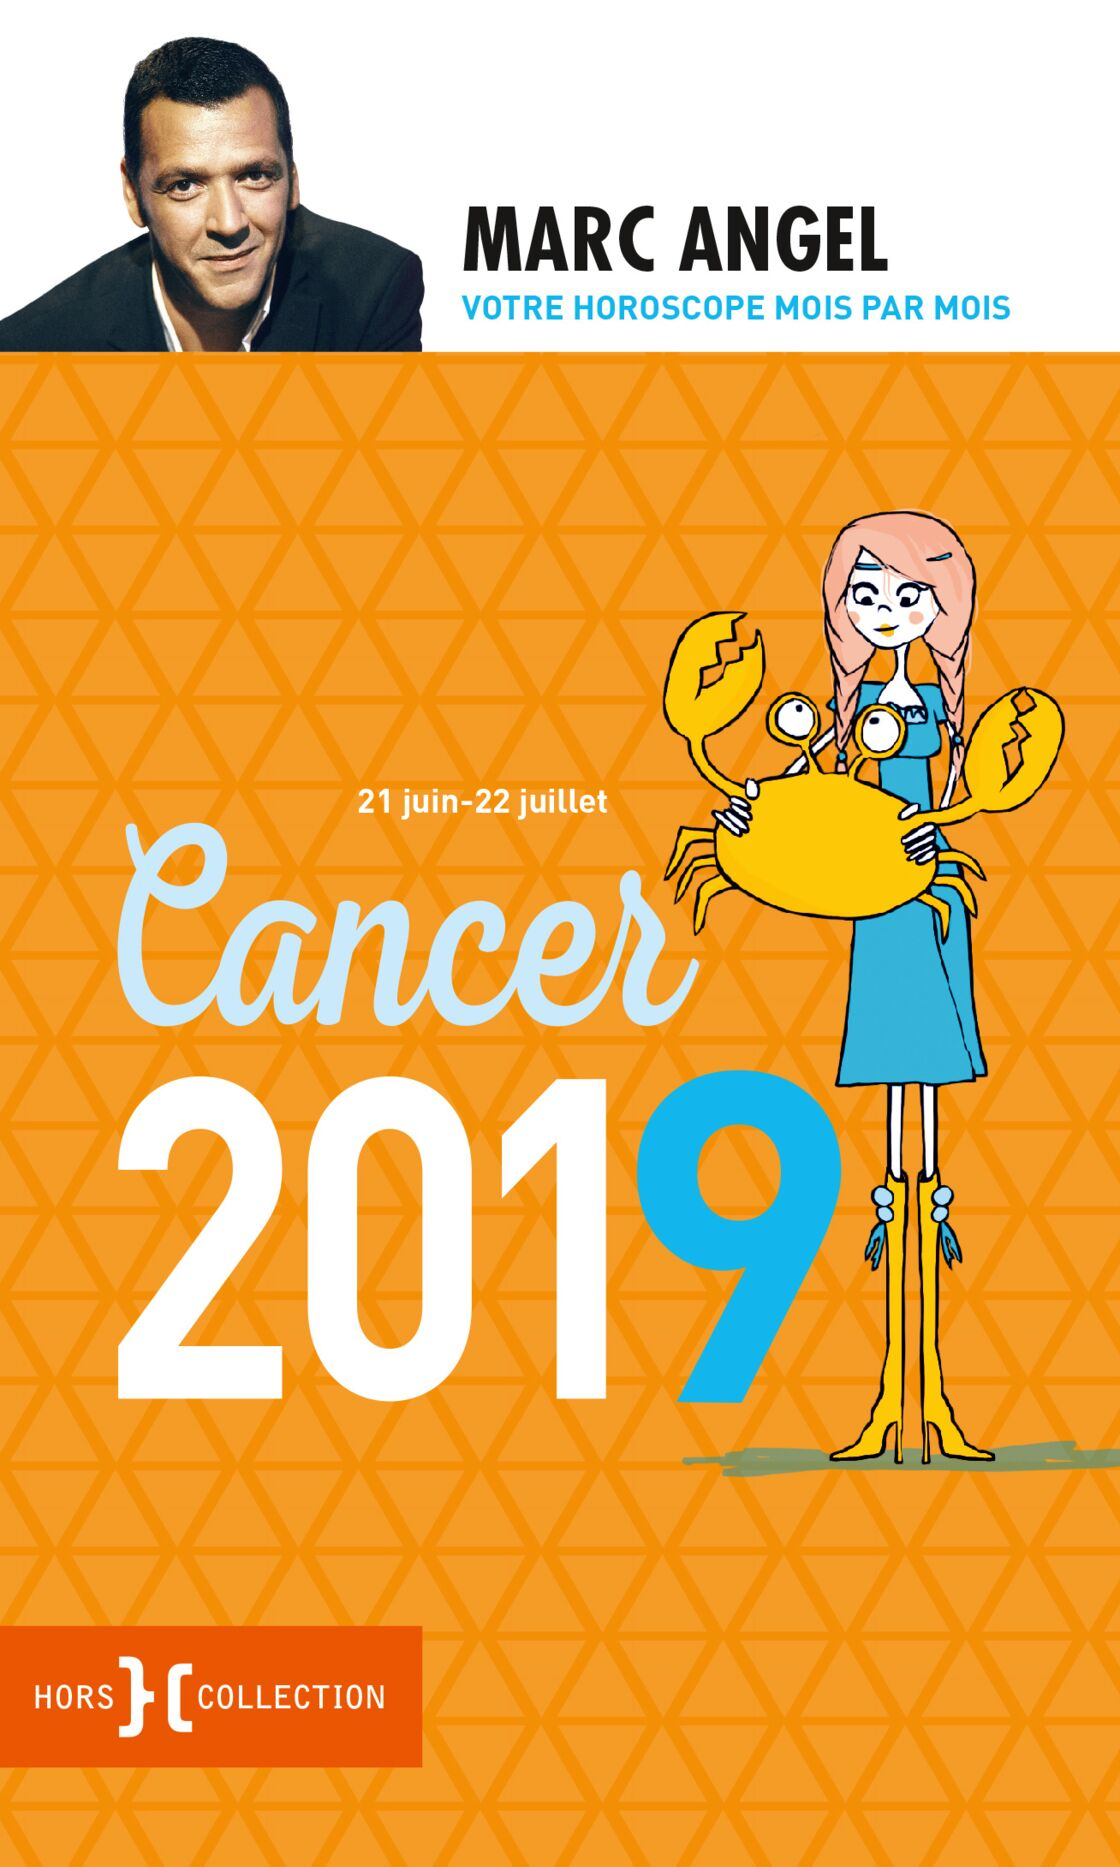 horoscope cancer 2017 mois par mois